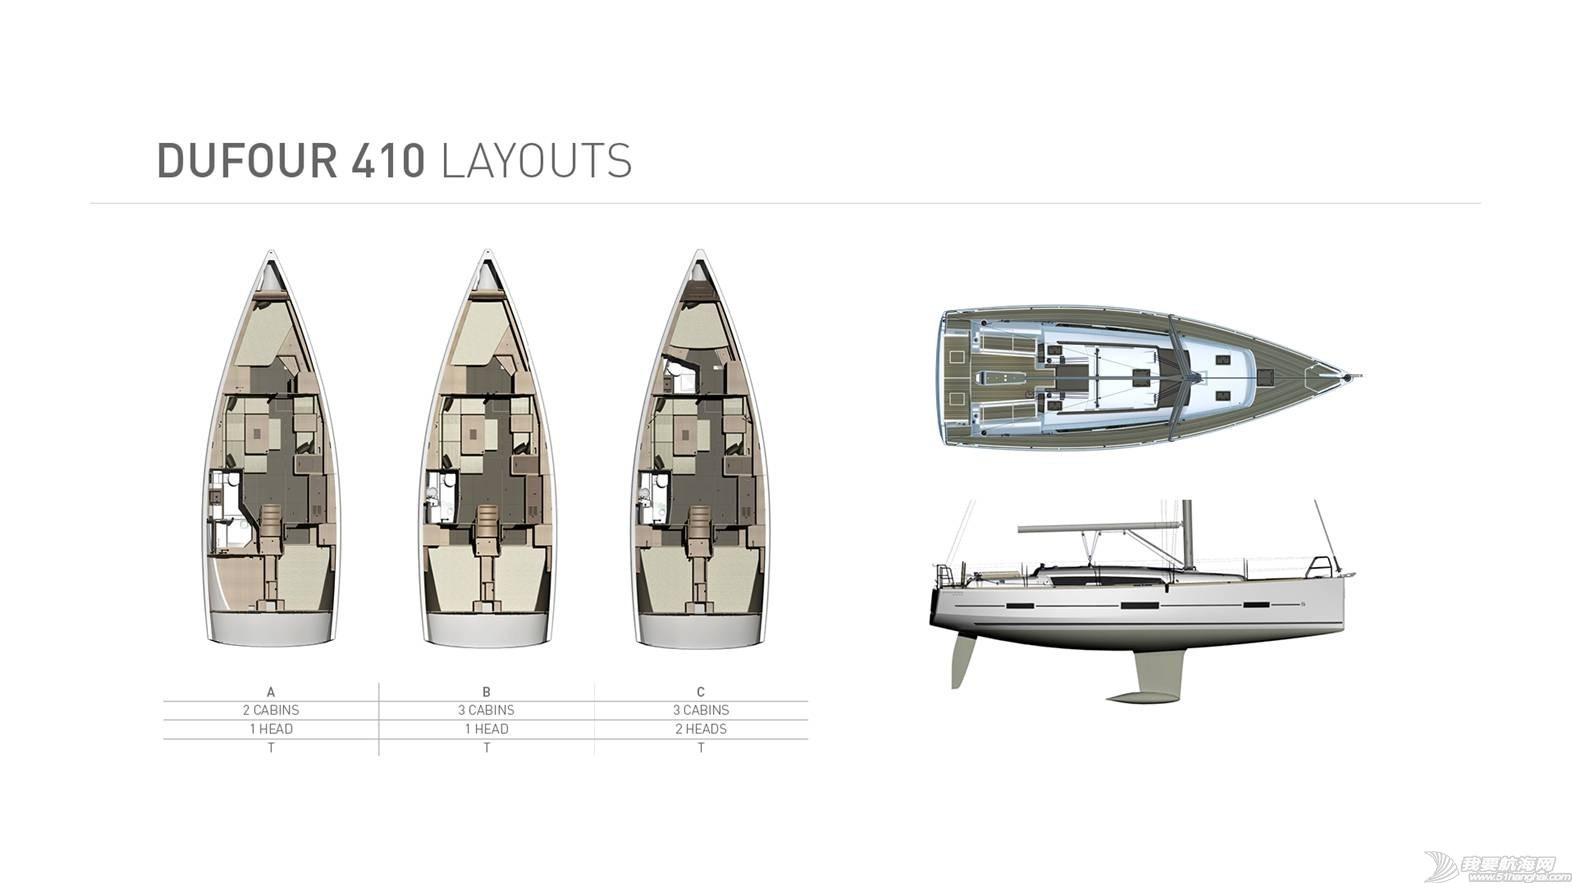 双人床,发动机,洗手间,欧洲人,台湾 Dufour`GL系列现帆船艇出售